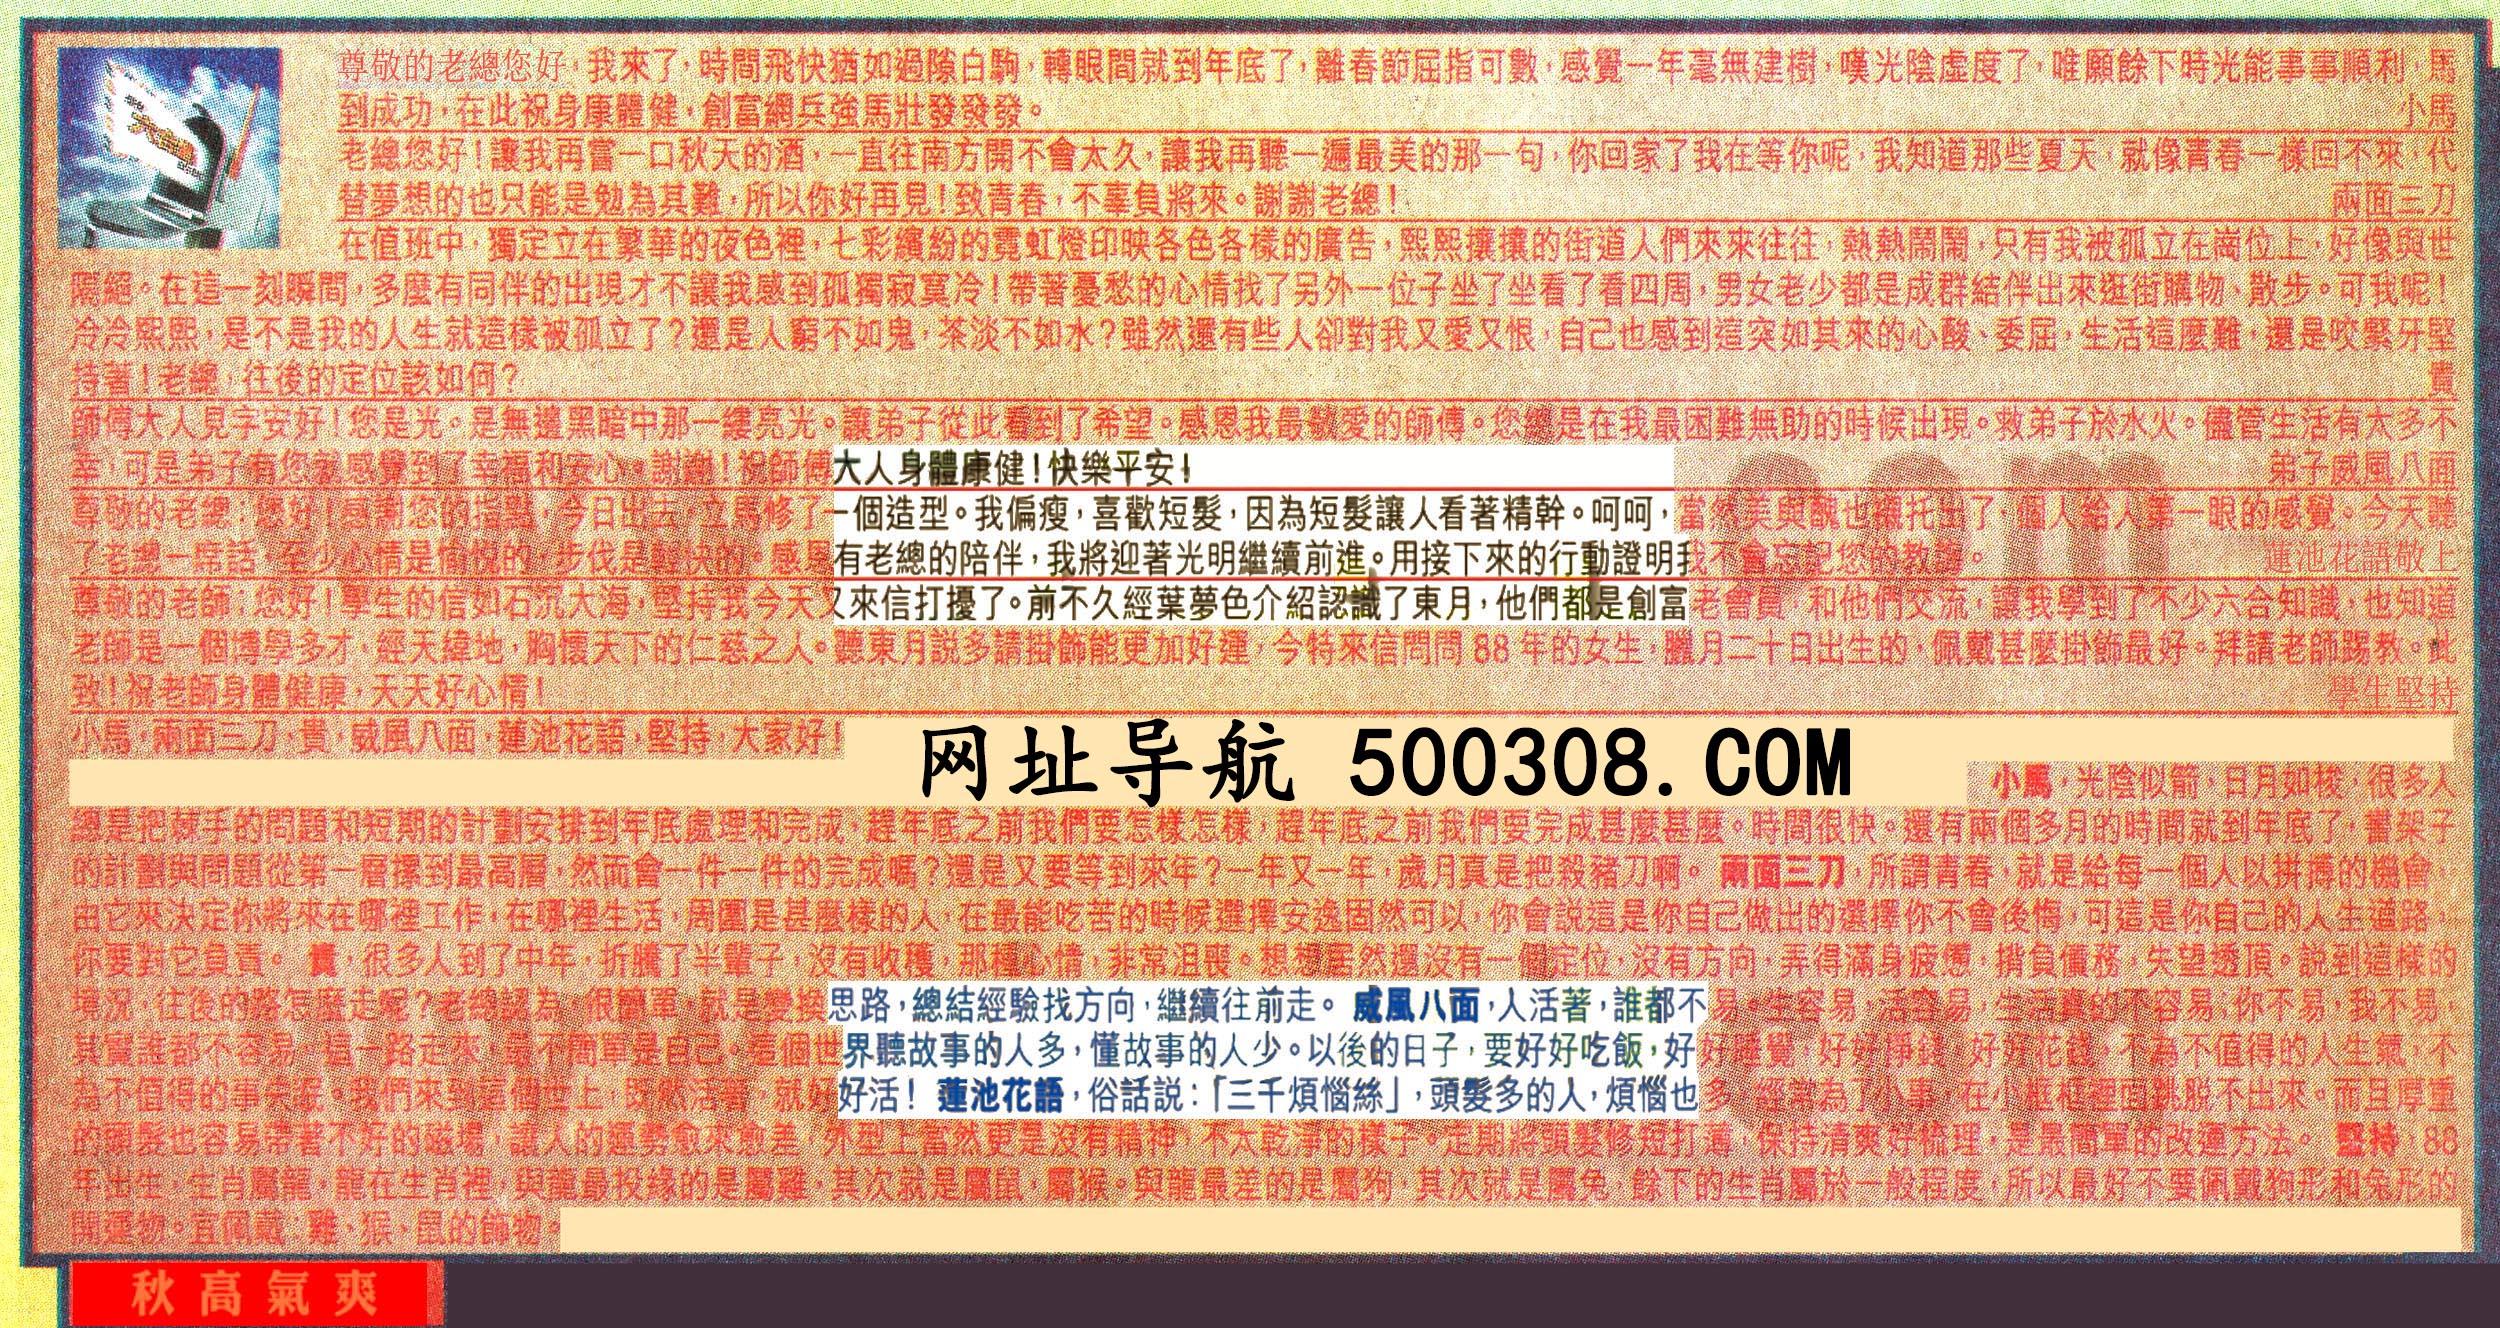 094期:彩民推荐六合皇信箱(�t字:秋高�馑�)